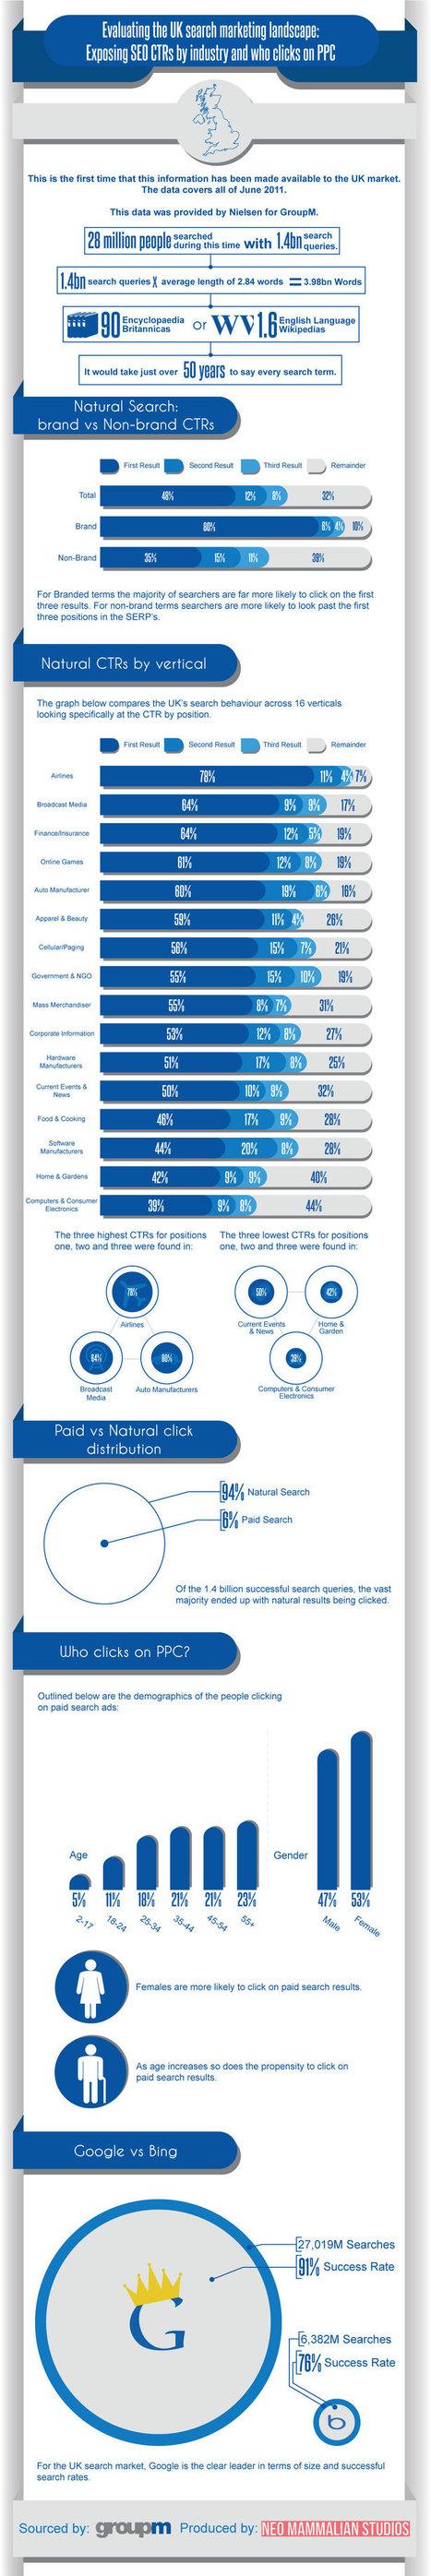 Infographie et étude sur le taux de clics (CTR) sur Google en 2012 | Wall Of Frames | Scoop.it